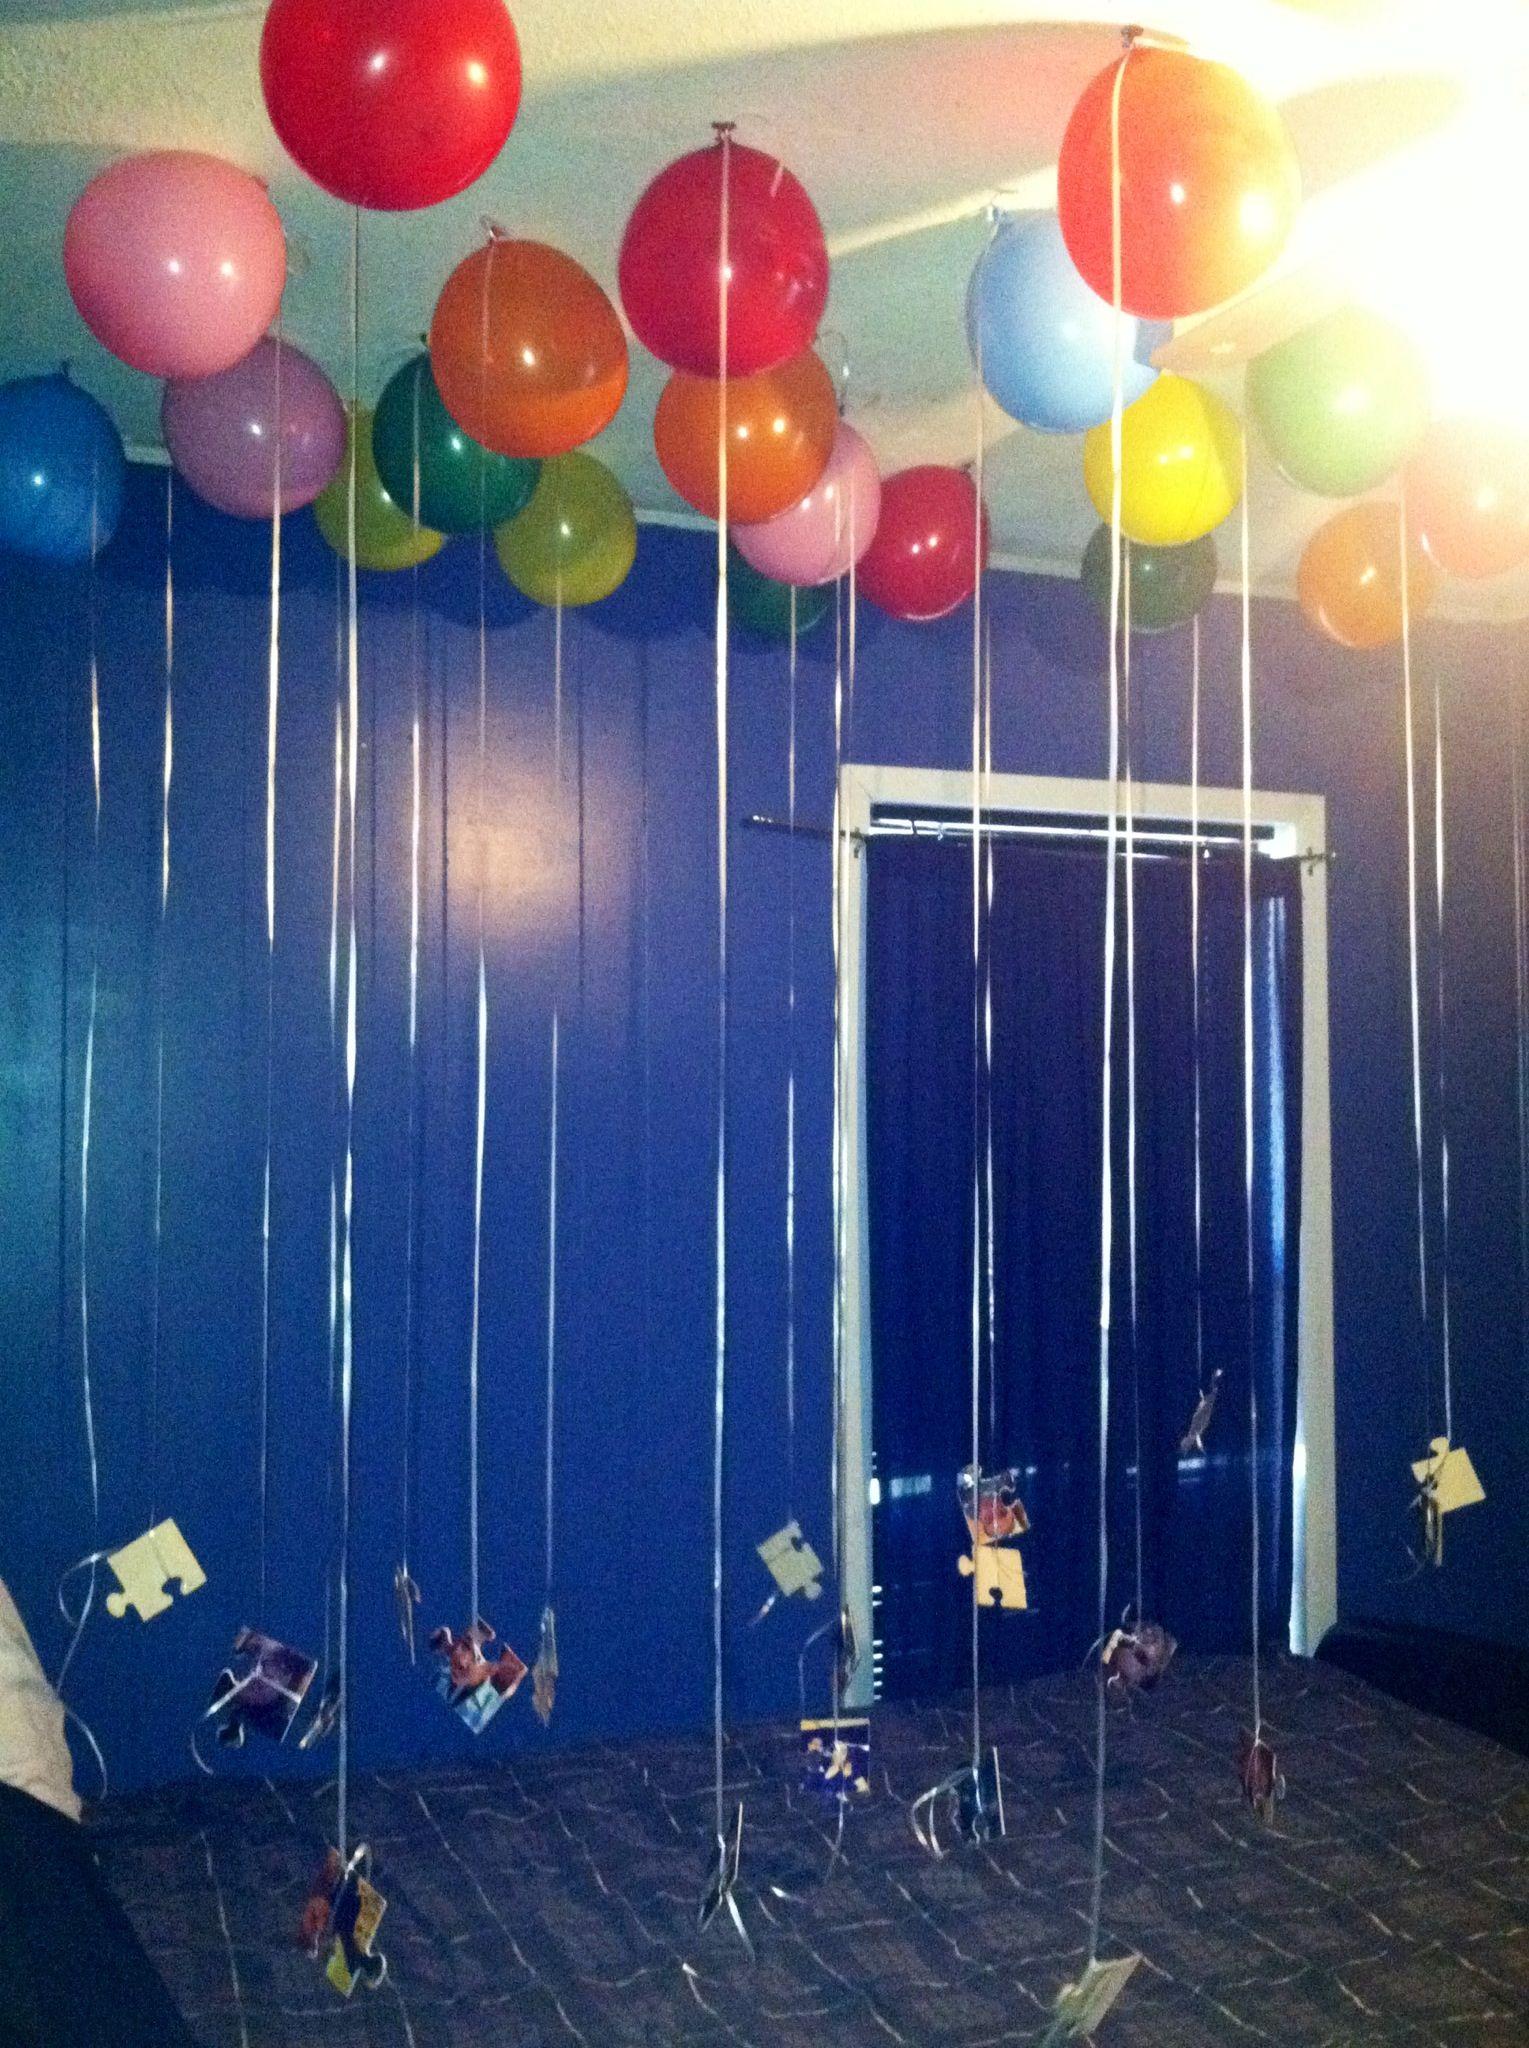 Best friend 21st birthday creative pinterest 21st for 21st birthday decoration ideas